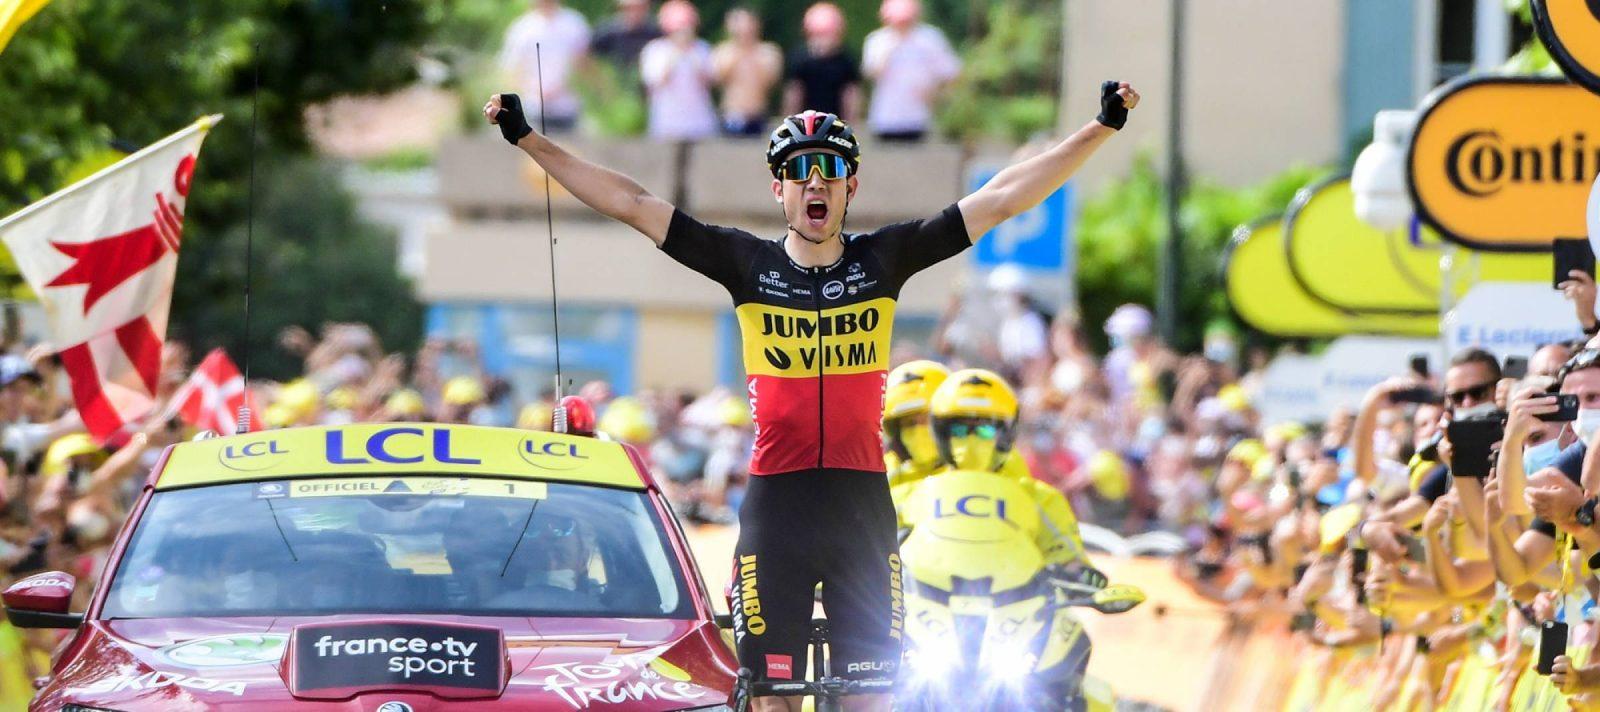 Van Aert celebra la victoria tras la doble ascensión al Ventoux (Foto: letour.fr)